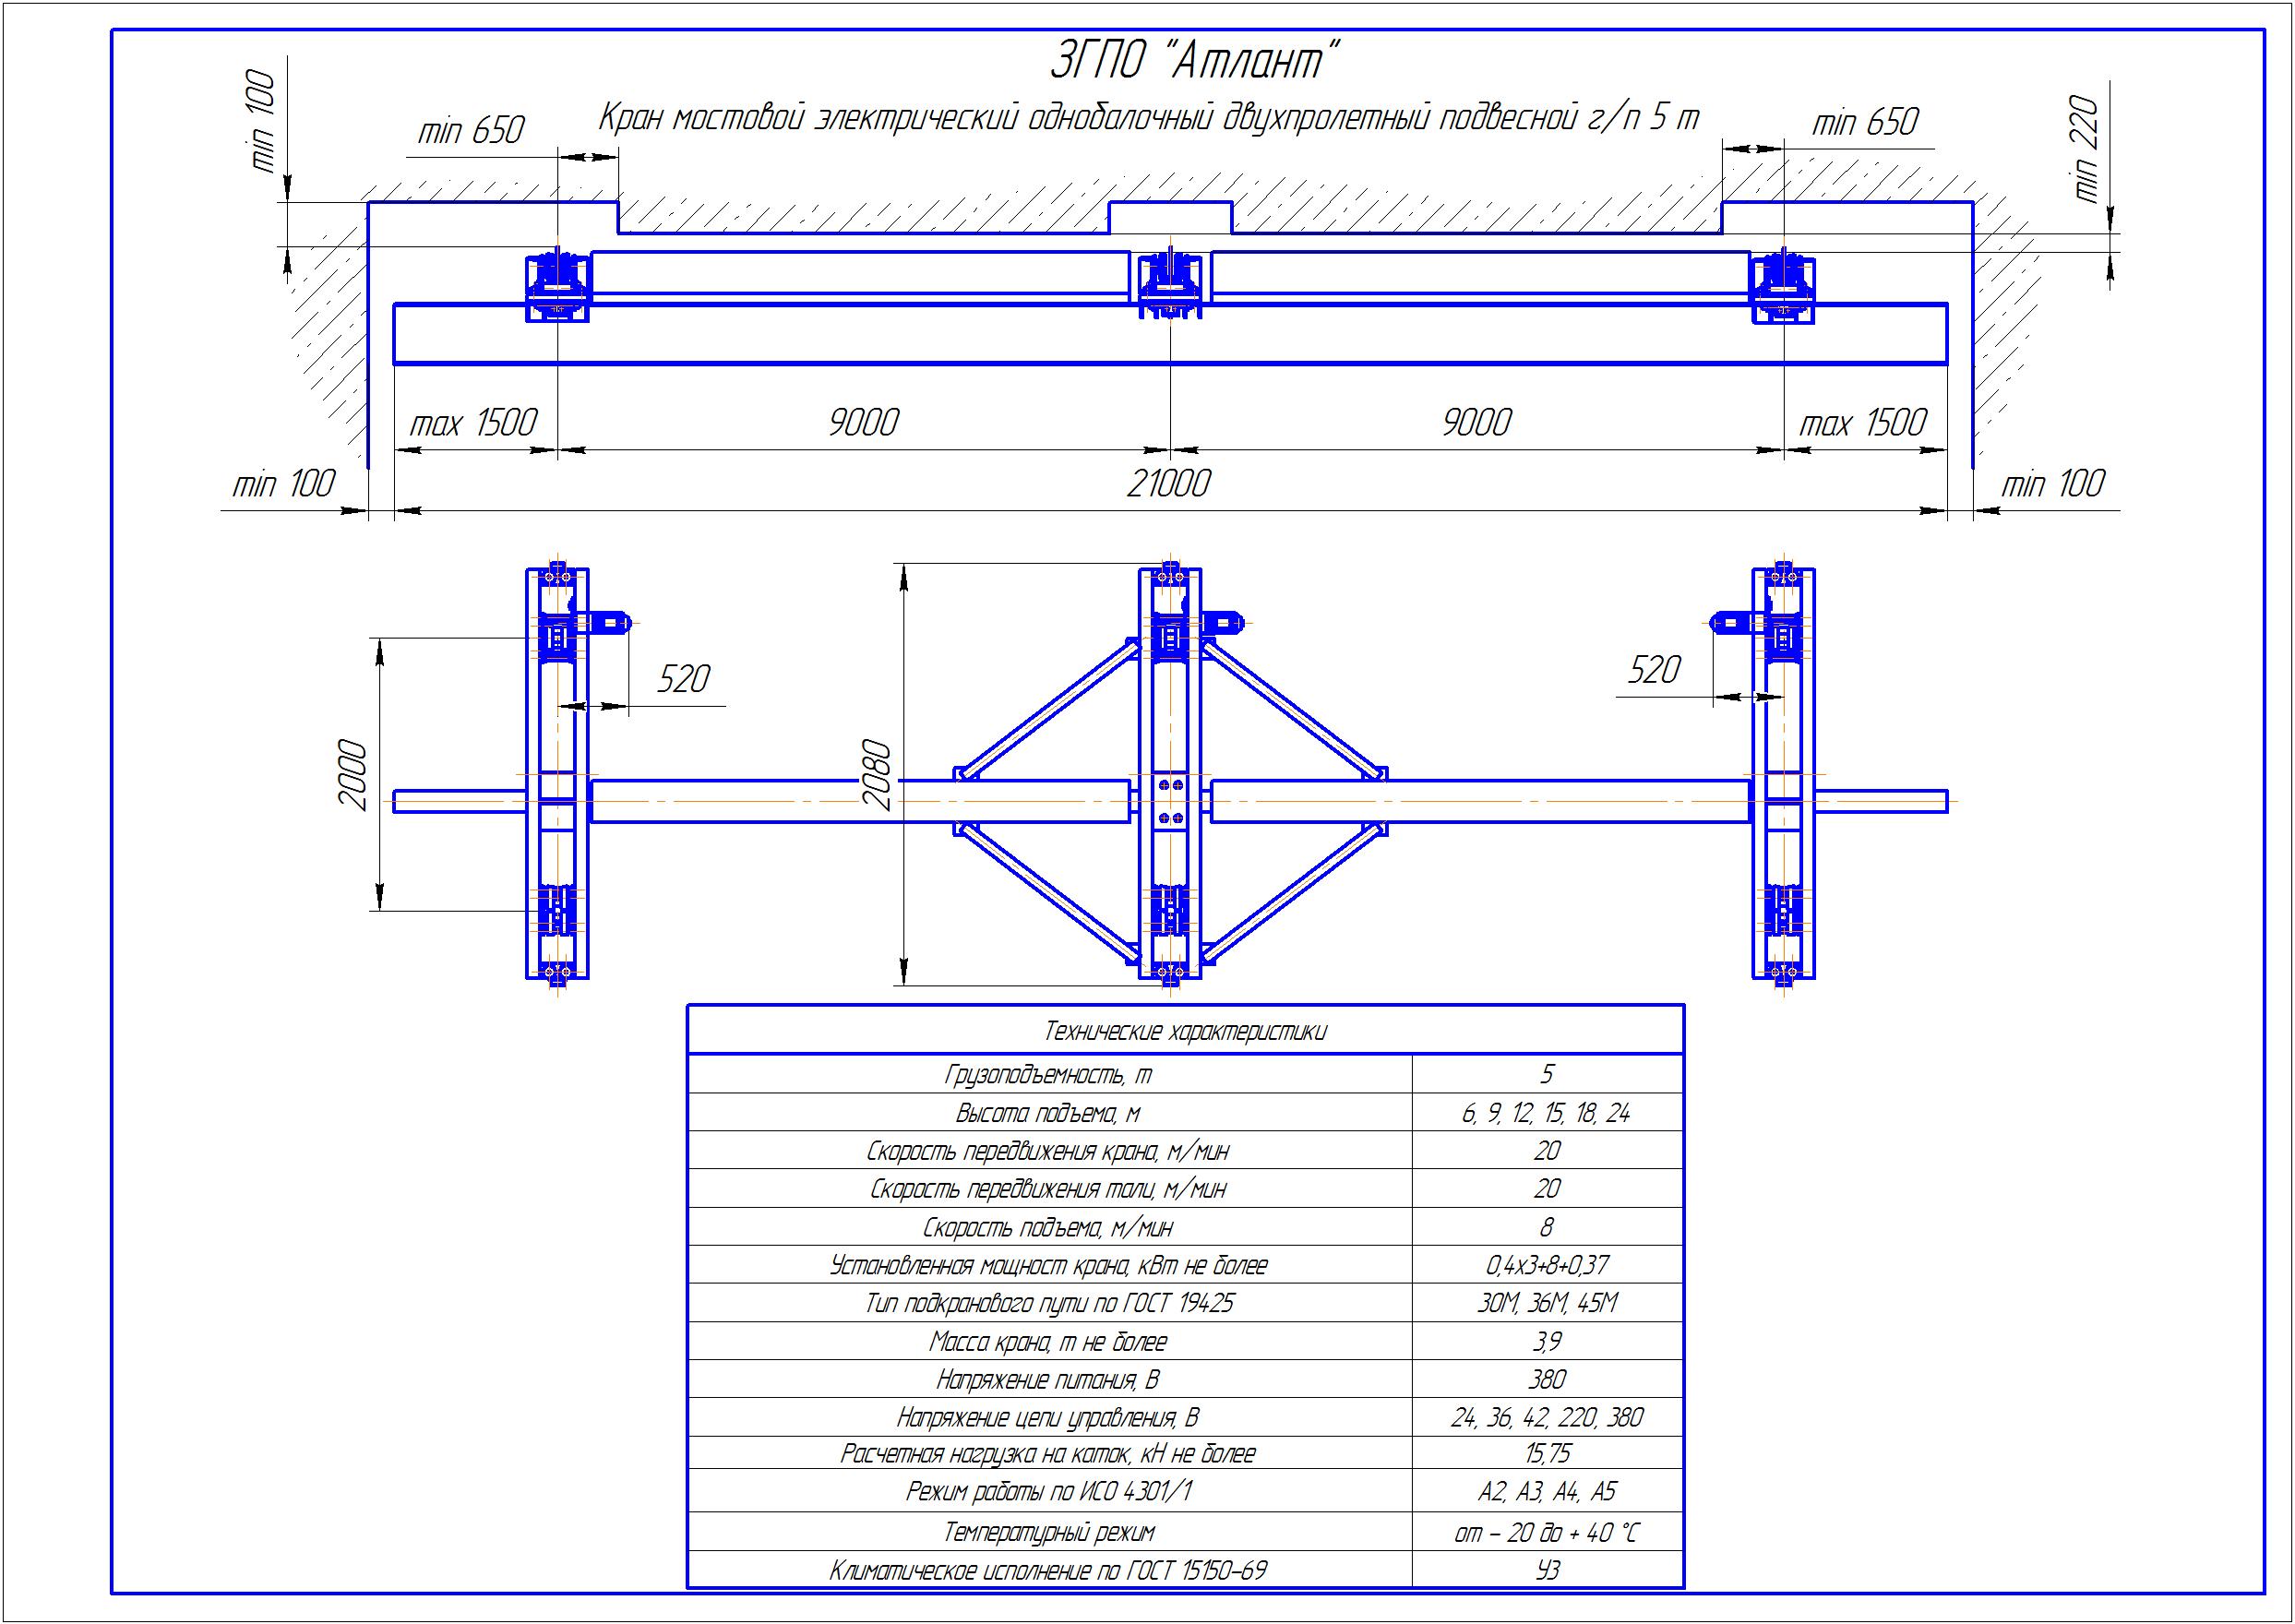 KBPD 4 2 - Подвесная кран балка двухпролетная